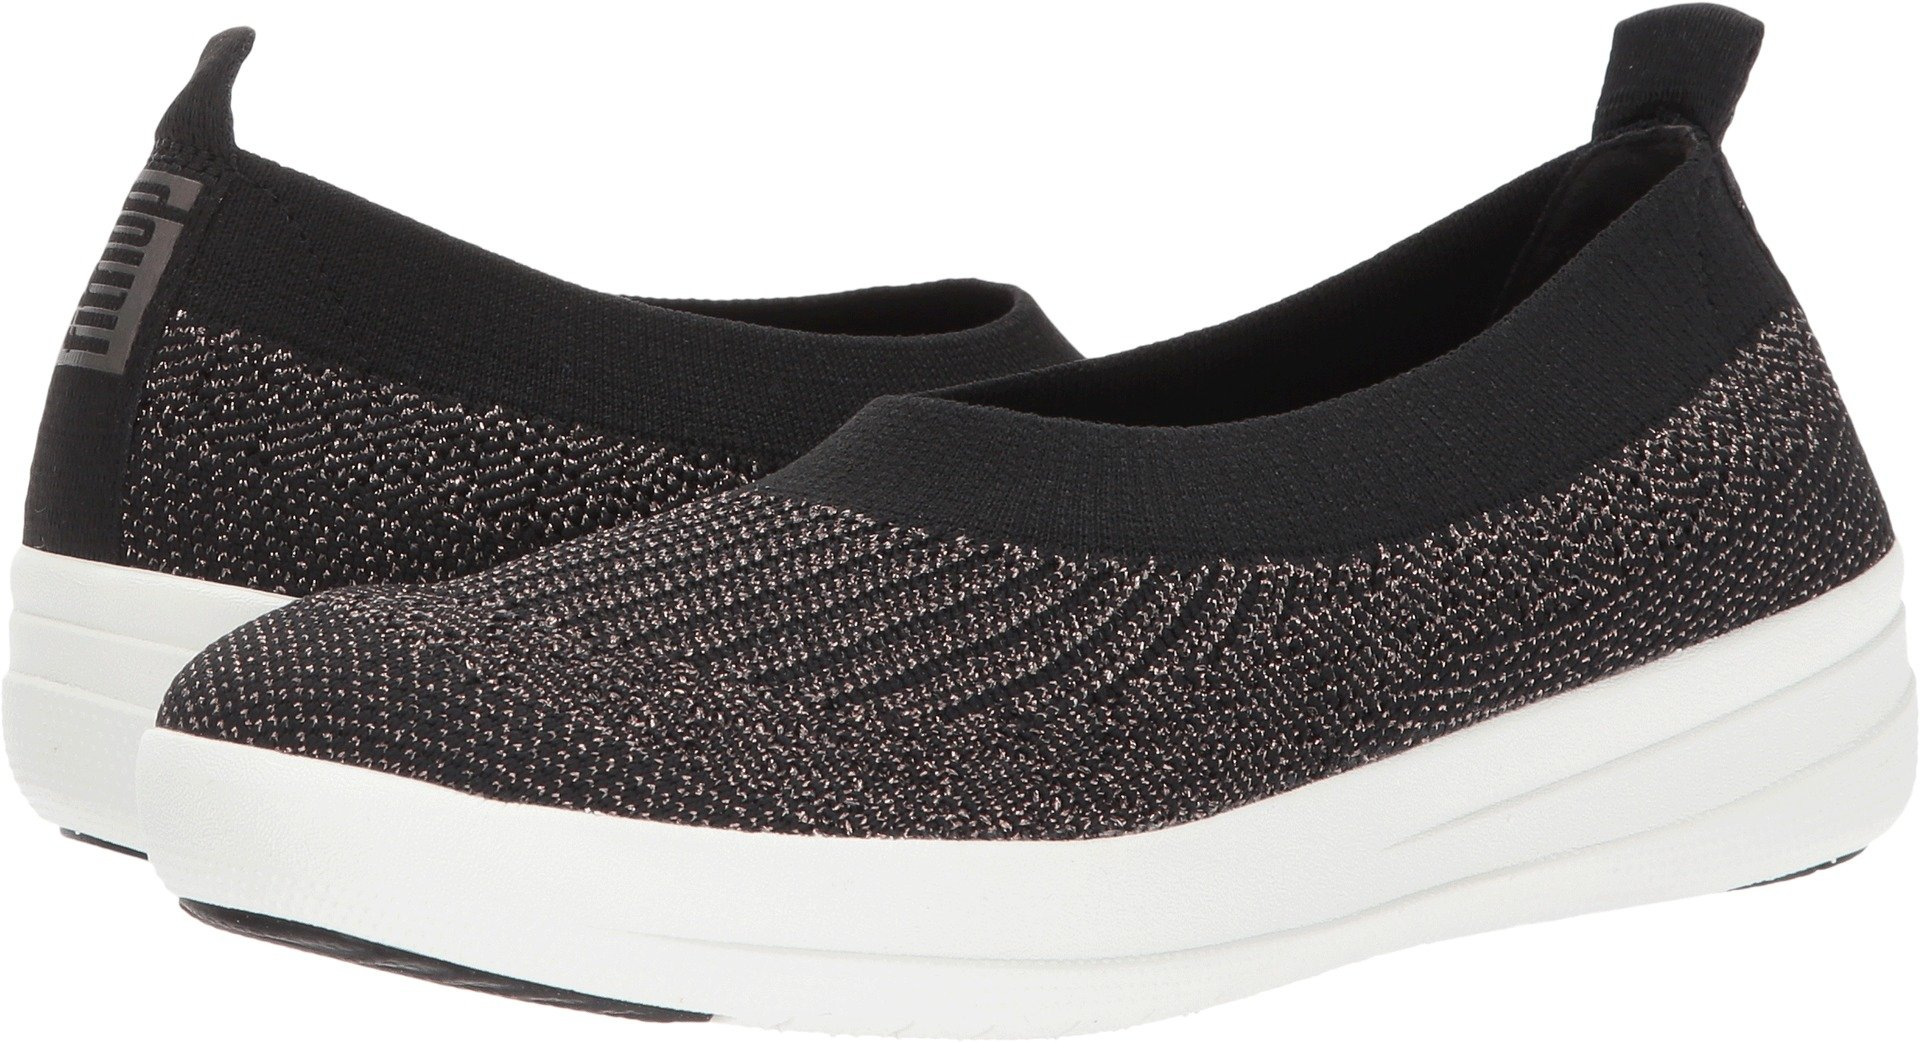 FitFlop Womens Uberknit Slip On Black/Bronze Metallic Sneaker - 10